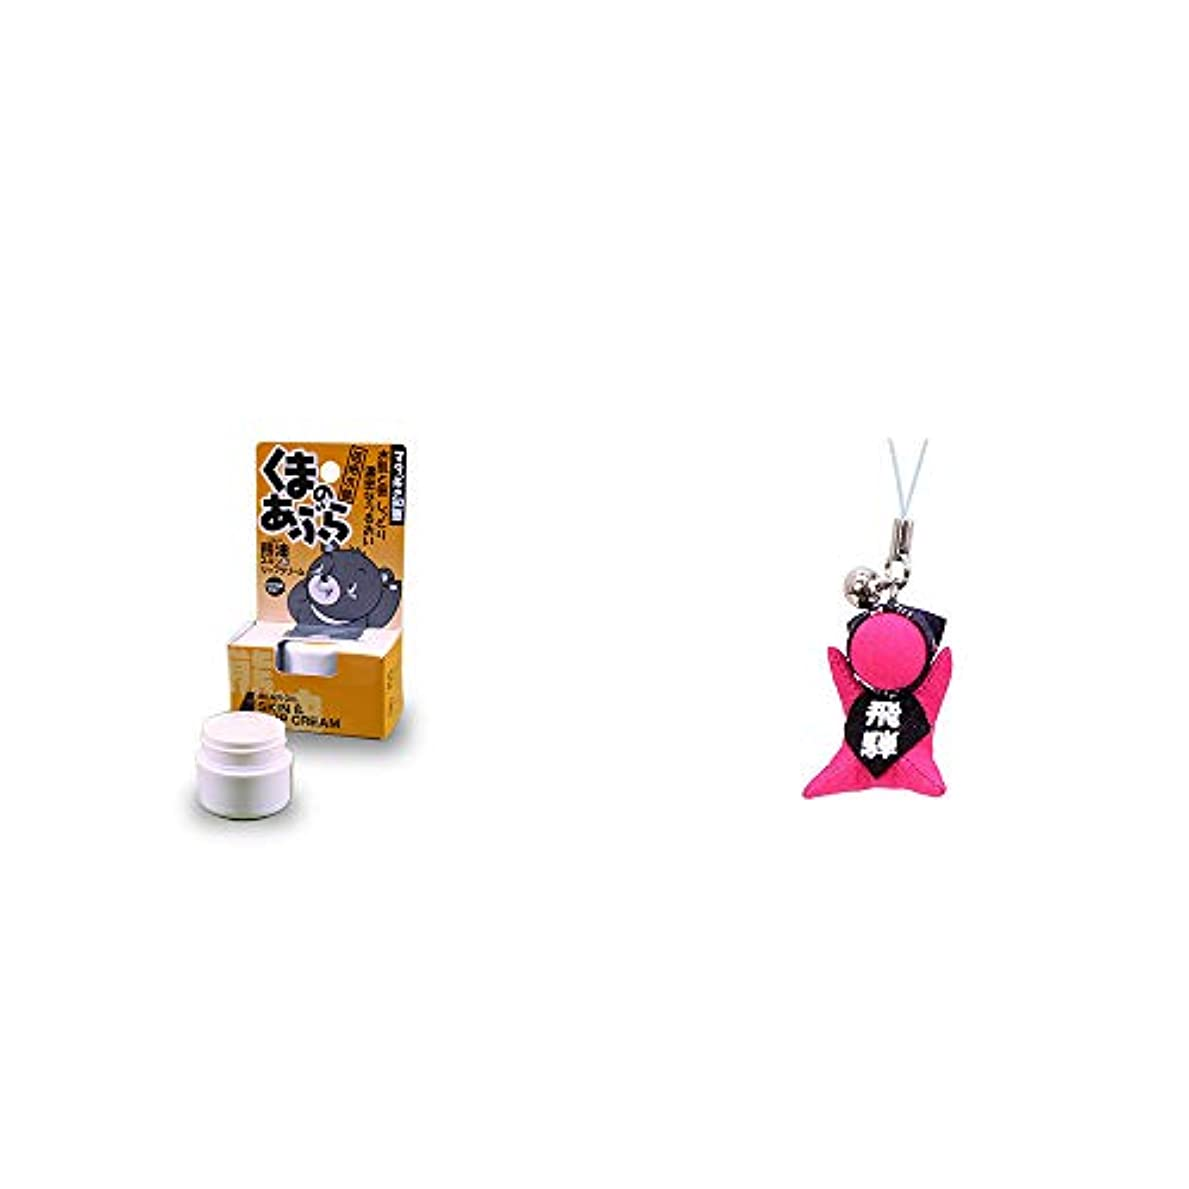 等国民投票アコード[2点セット] 信州木曽 くまのあぶら 熊油スキン&リップクリーム(9g)?さるぼぼ幸福ストラップ 【ピンク】 / 風水カラー全9種類 縁結び?恋愛(出会い) お守り//